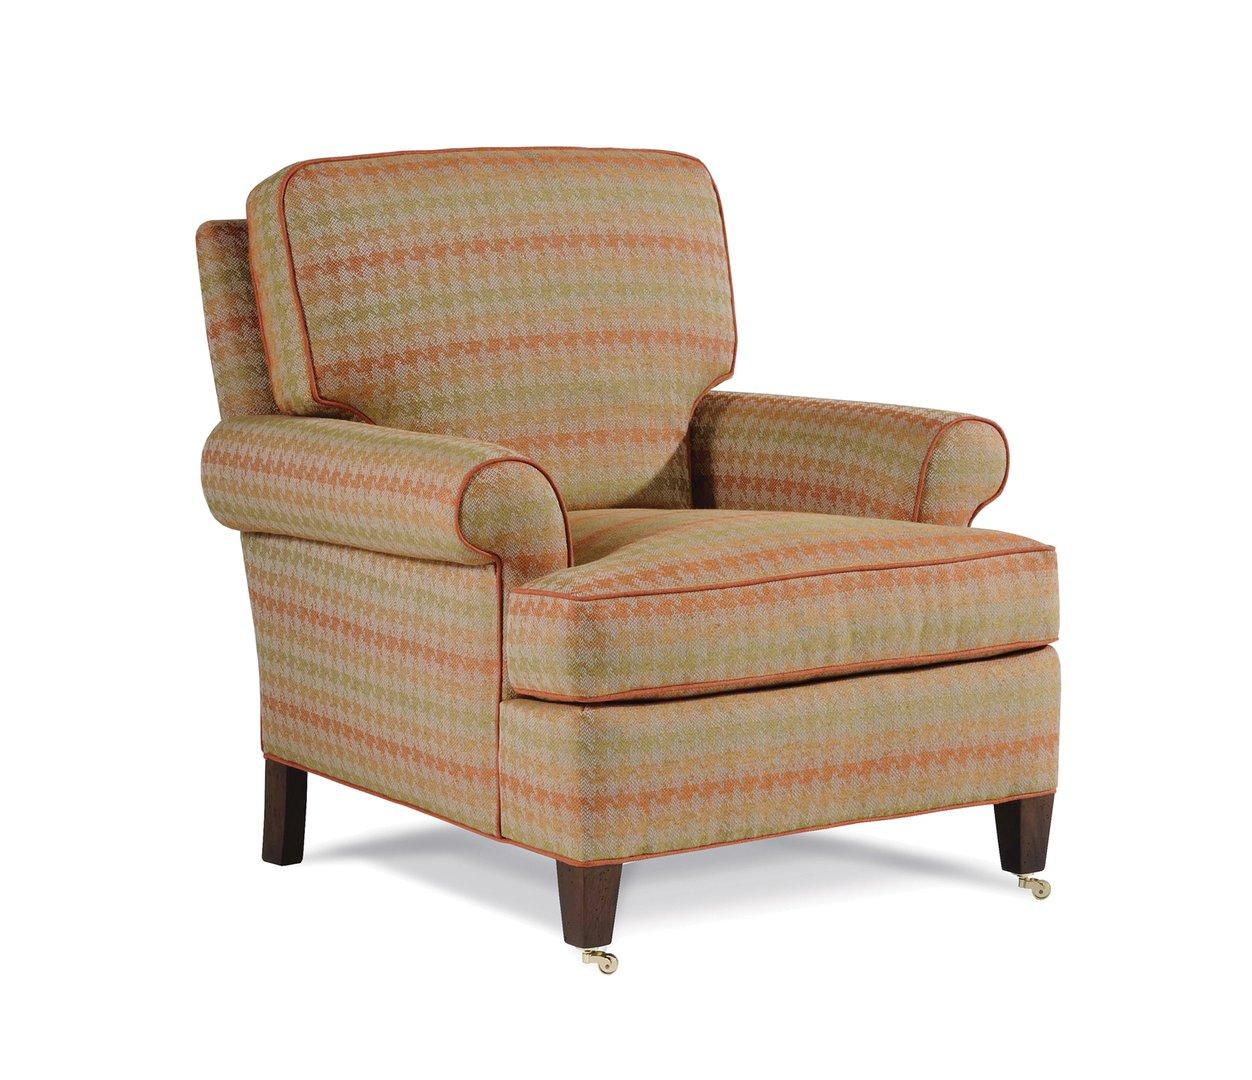 Babington Chair Image